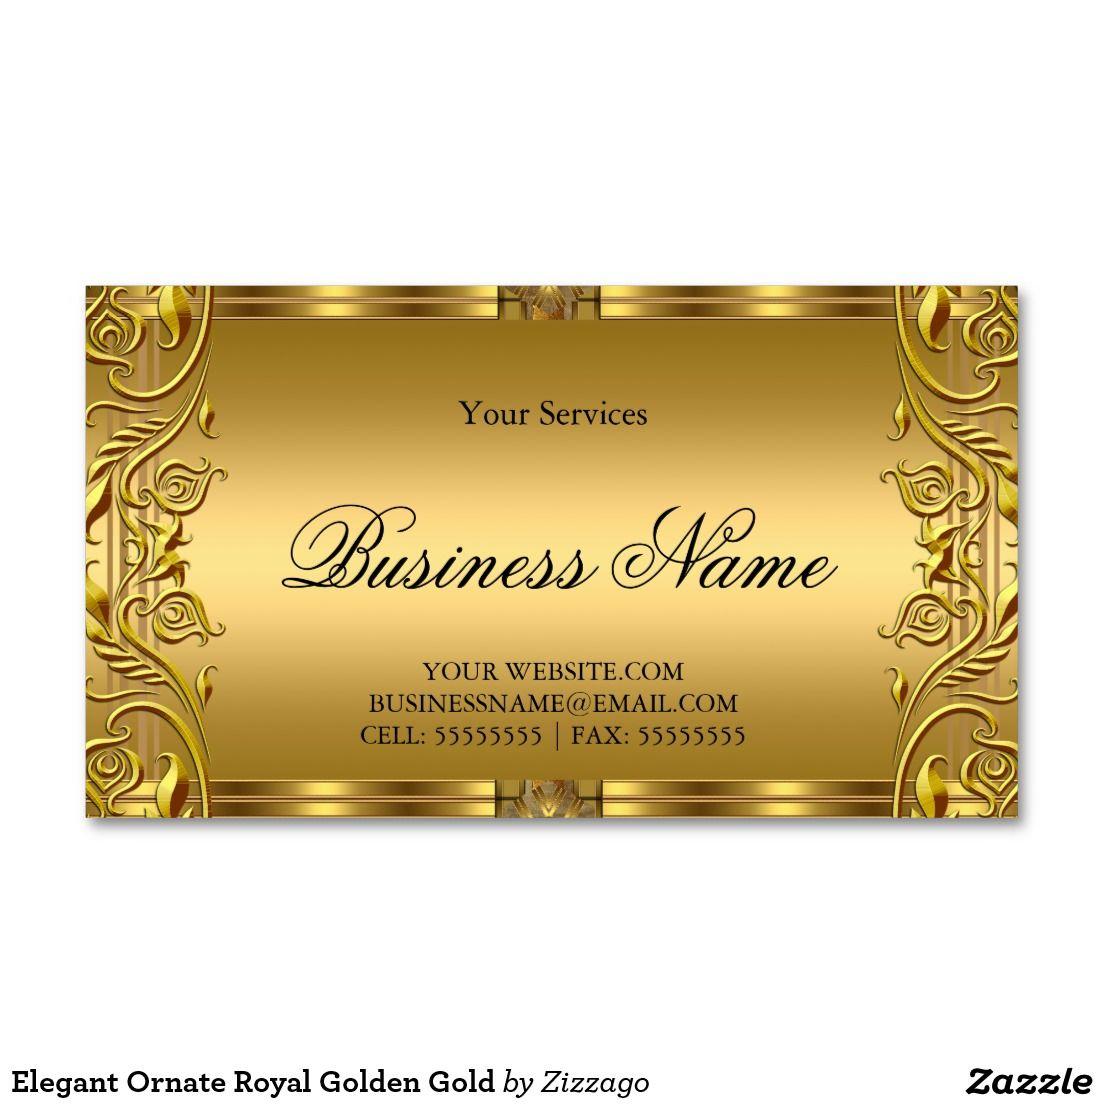 Elegant Ornate Royal Golden Gold Business Card Zazzle Com In 2021 Gold Business Card Metal Business Cards Printing Business Cards